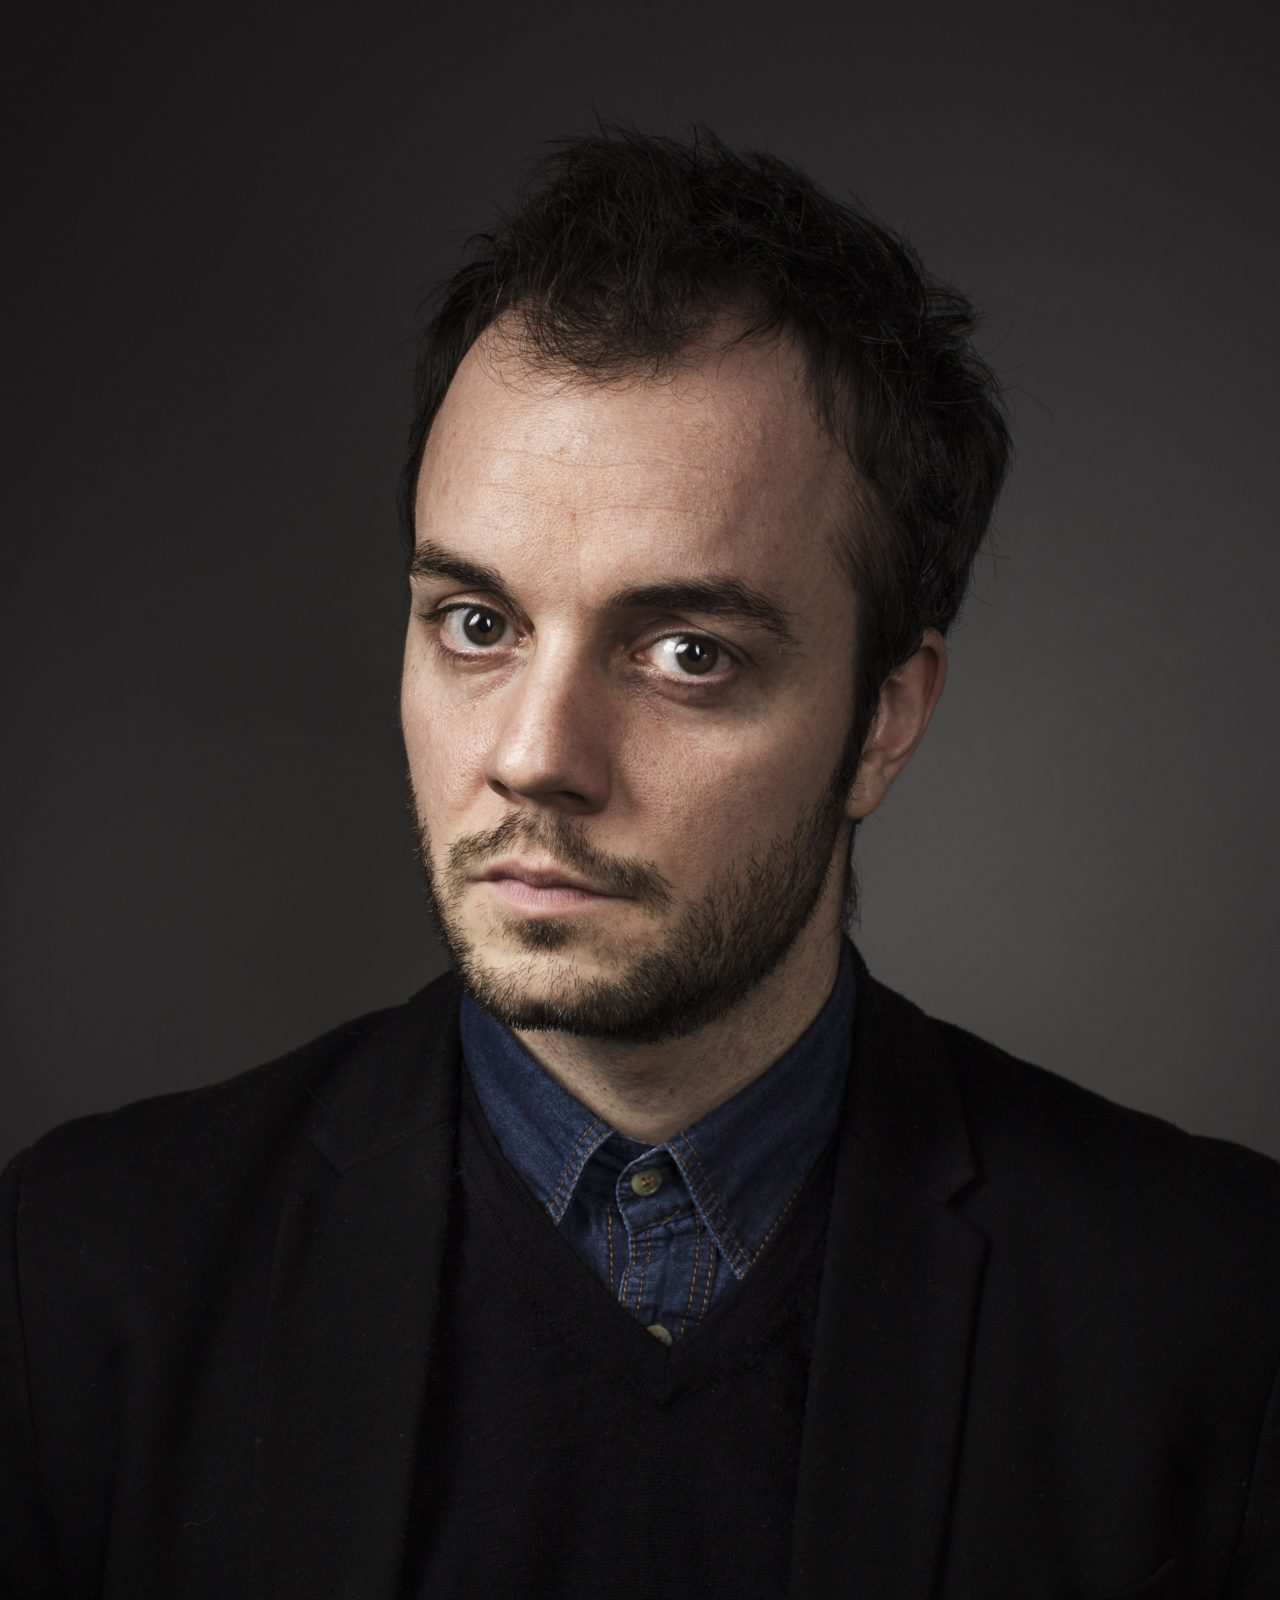 Jérémy Lopez - Par Stéphane Lavoué - Coll. Comédie.Française